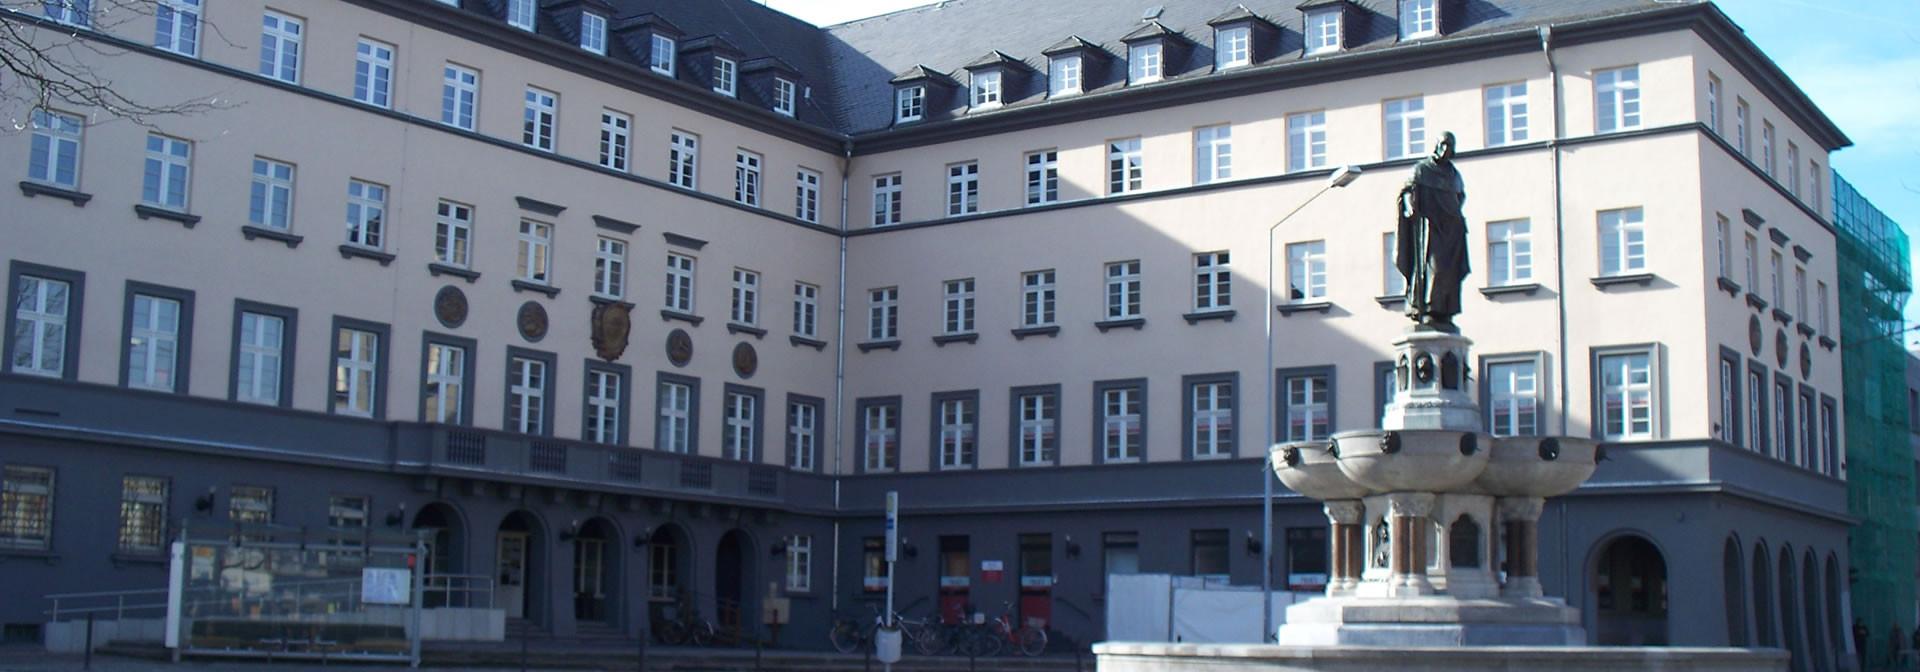 Standort Trier